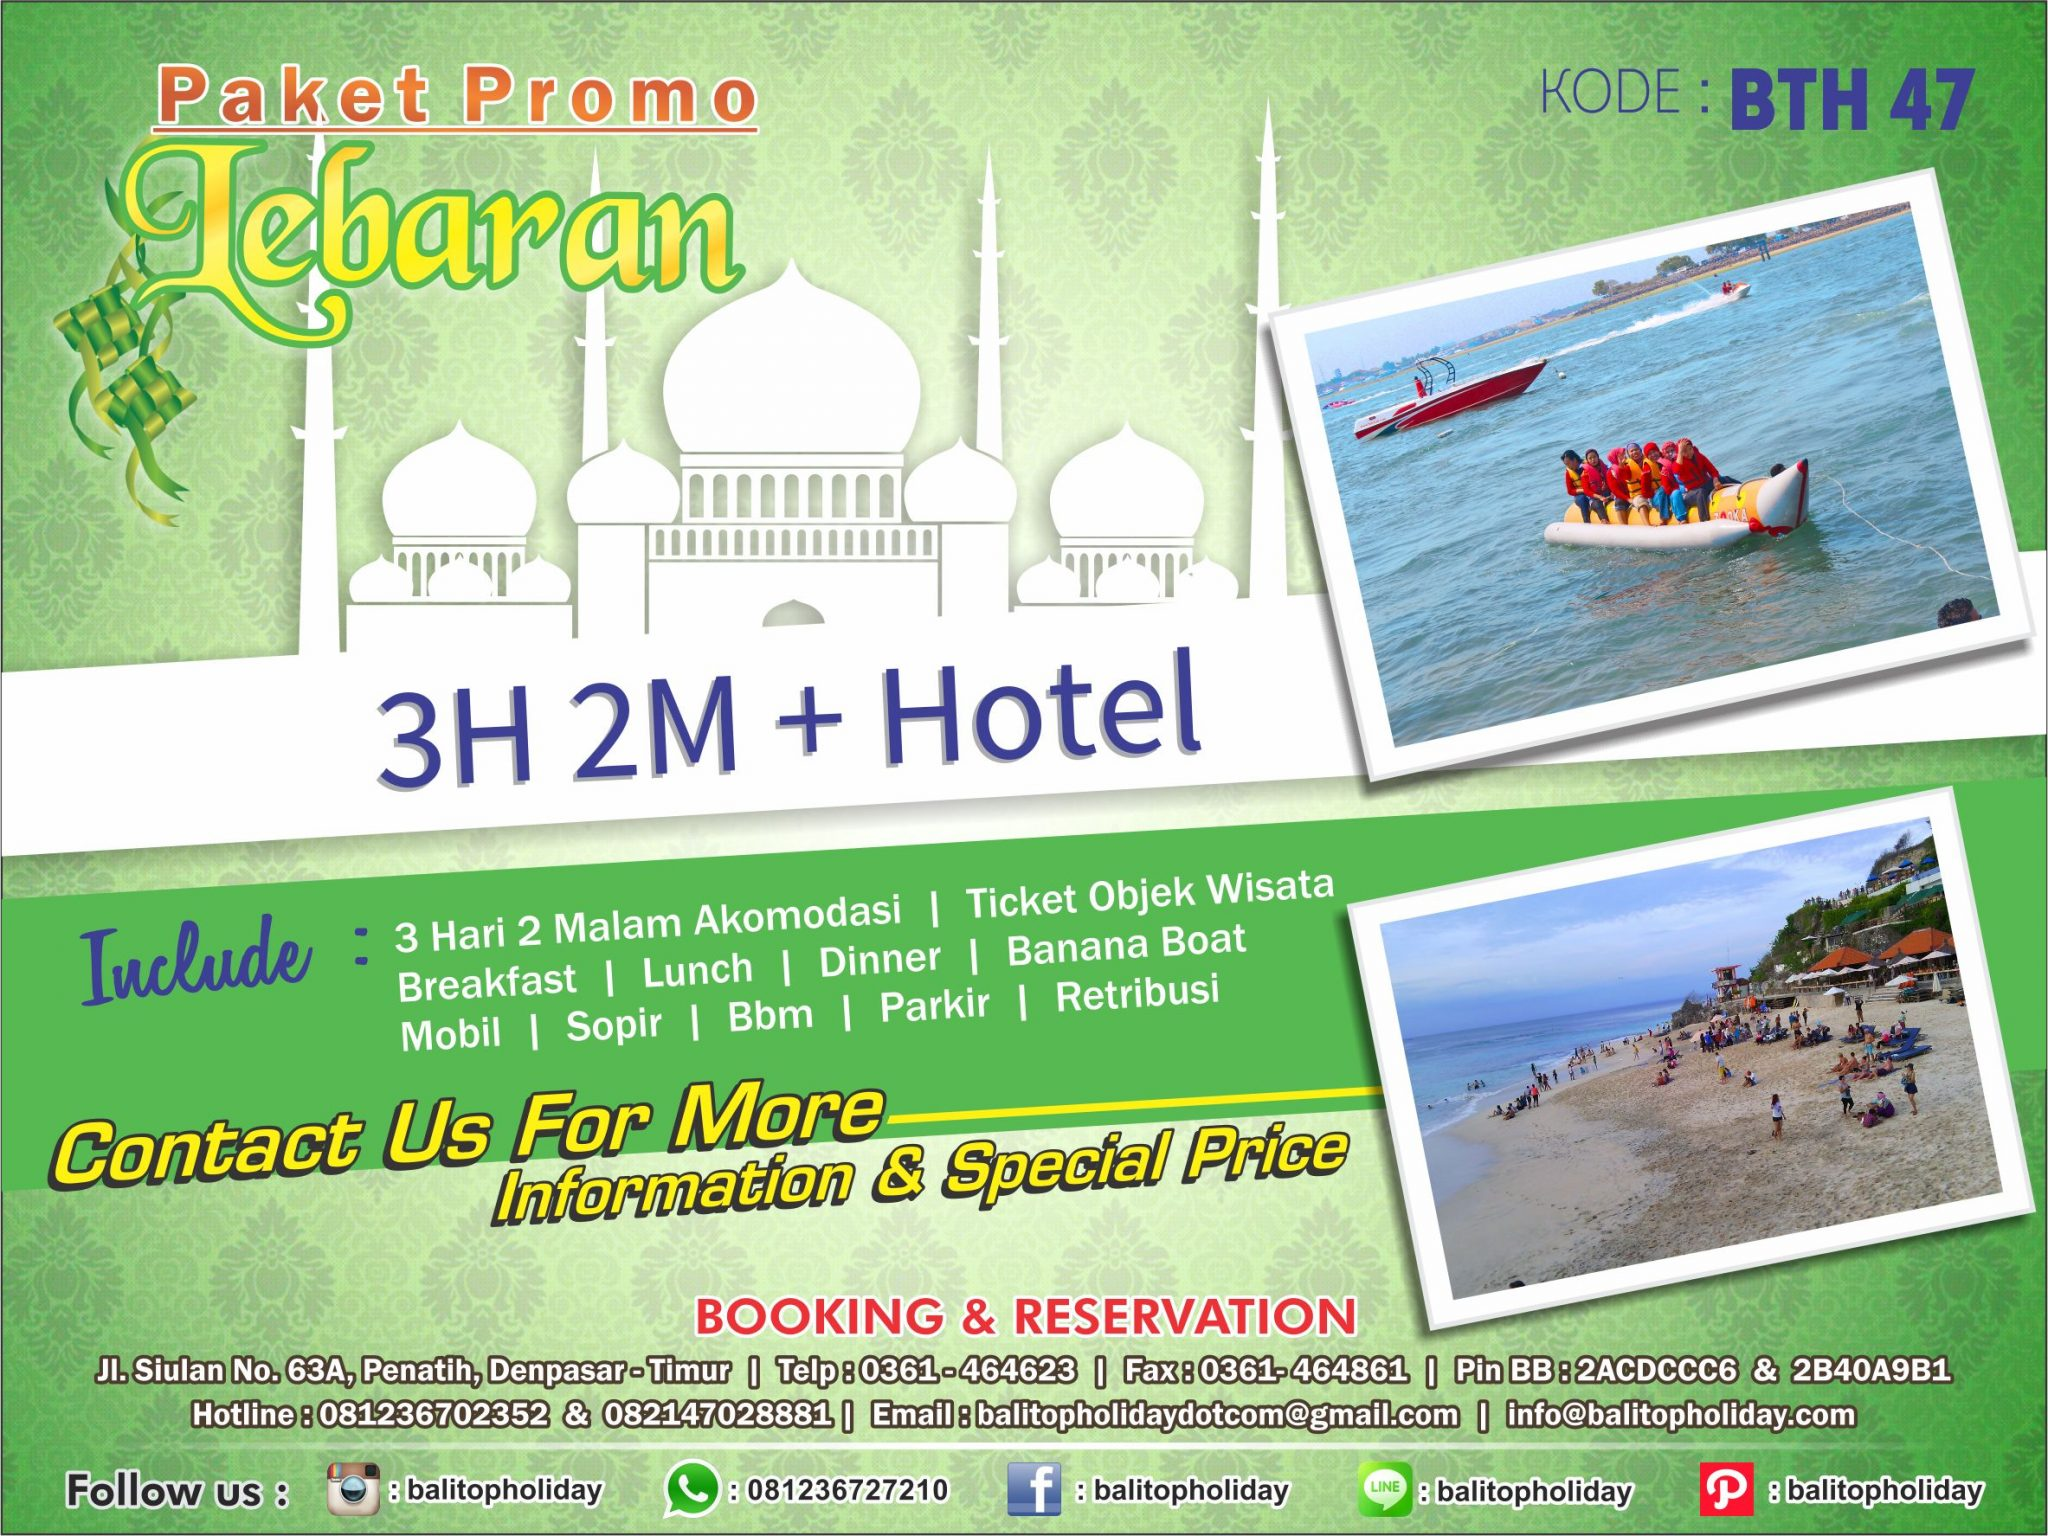 Promo Paket Tour Lebaran 2020 di Bali